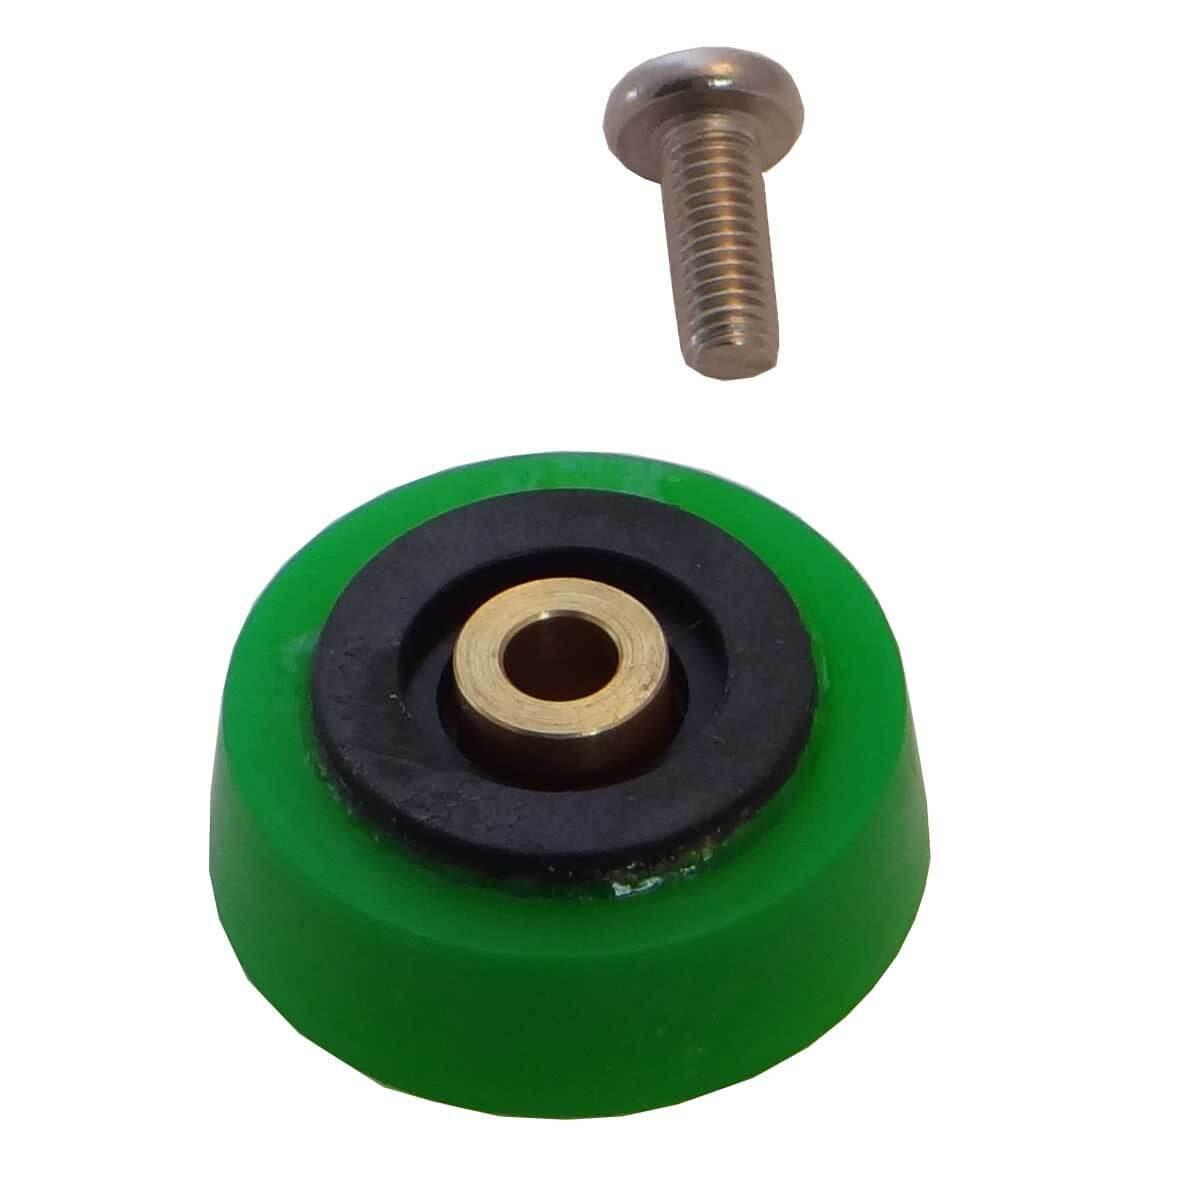 Green Cone Grommet for Gemini Revolution Wet Tile Saw